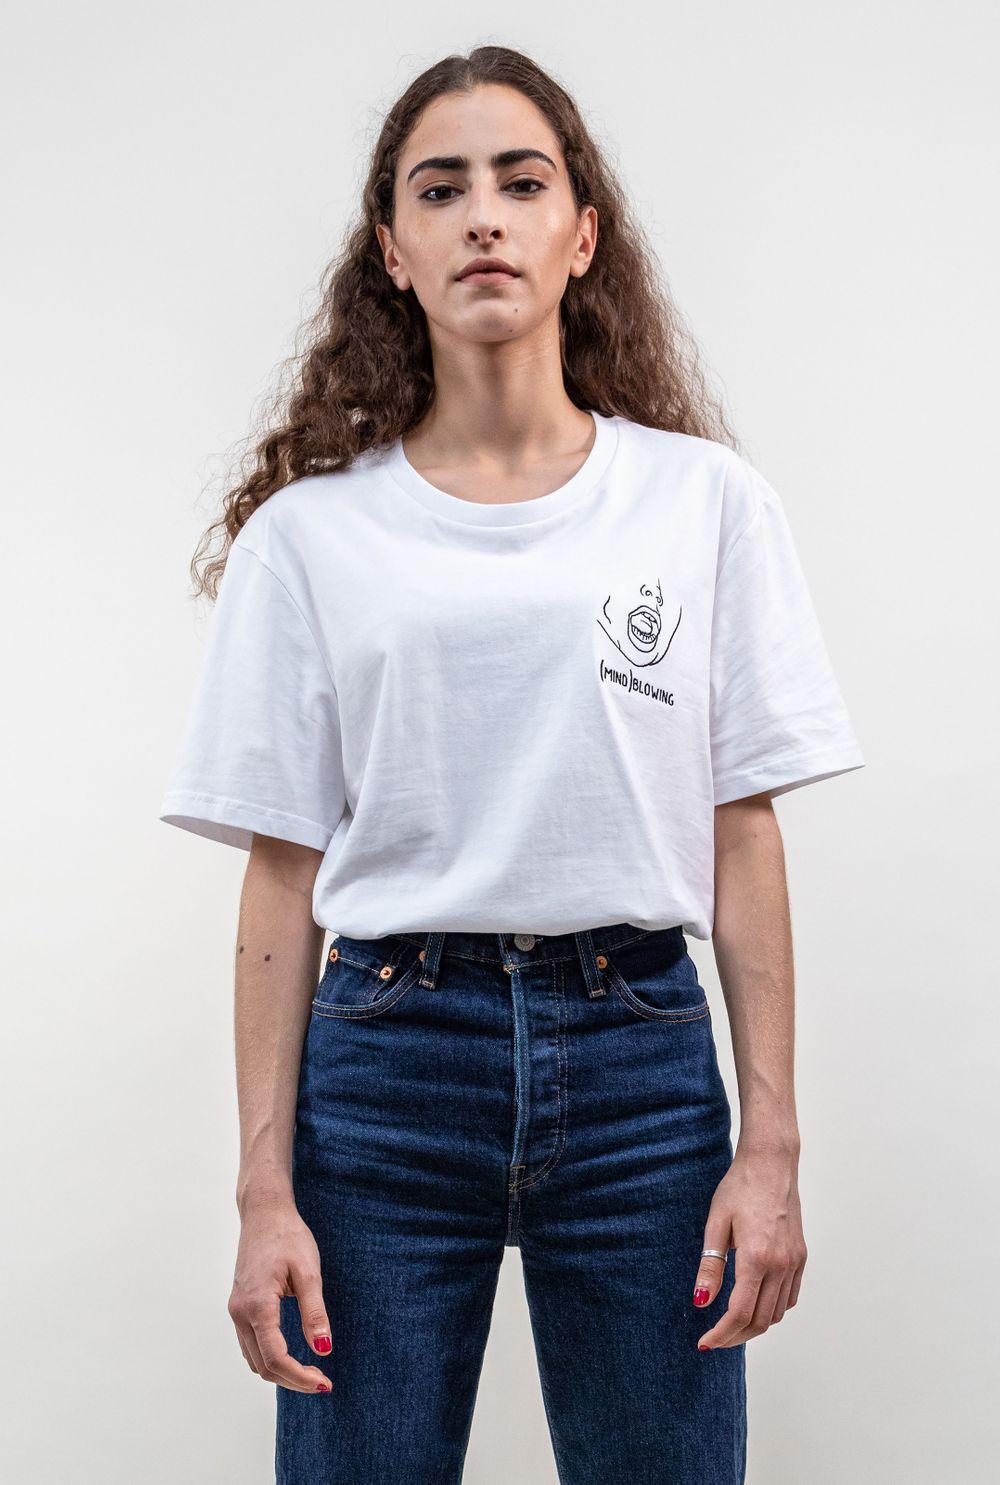 T-shirt Mindblowing - L - Chaud Marais